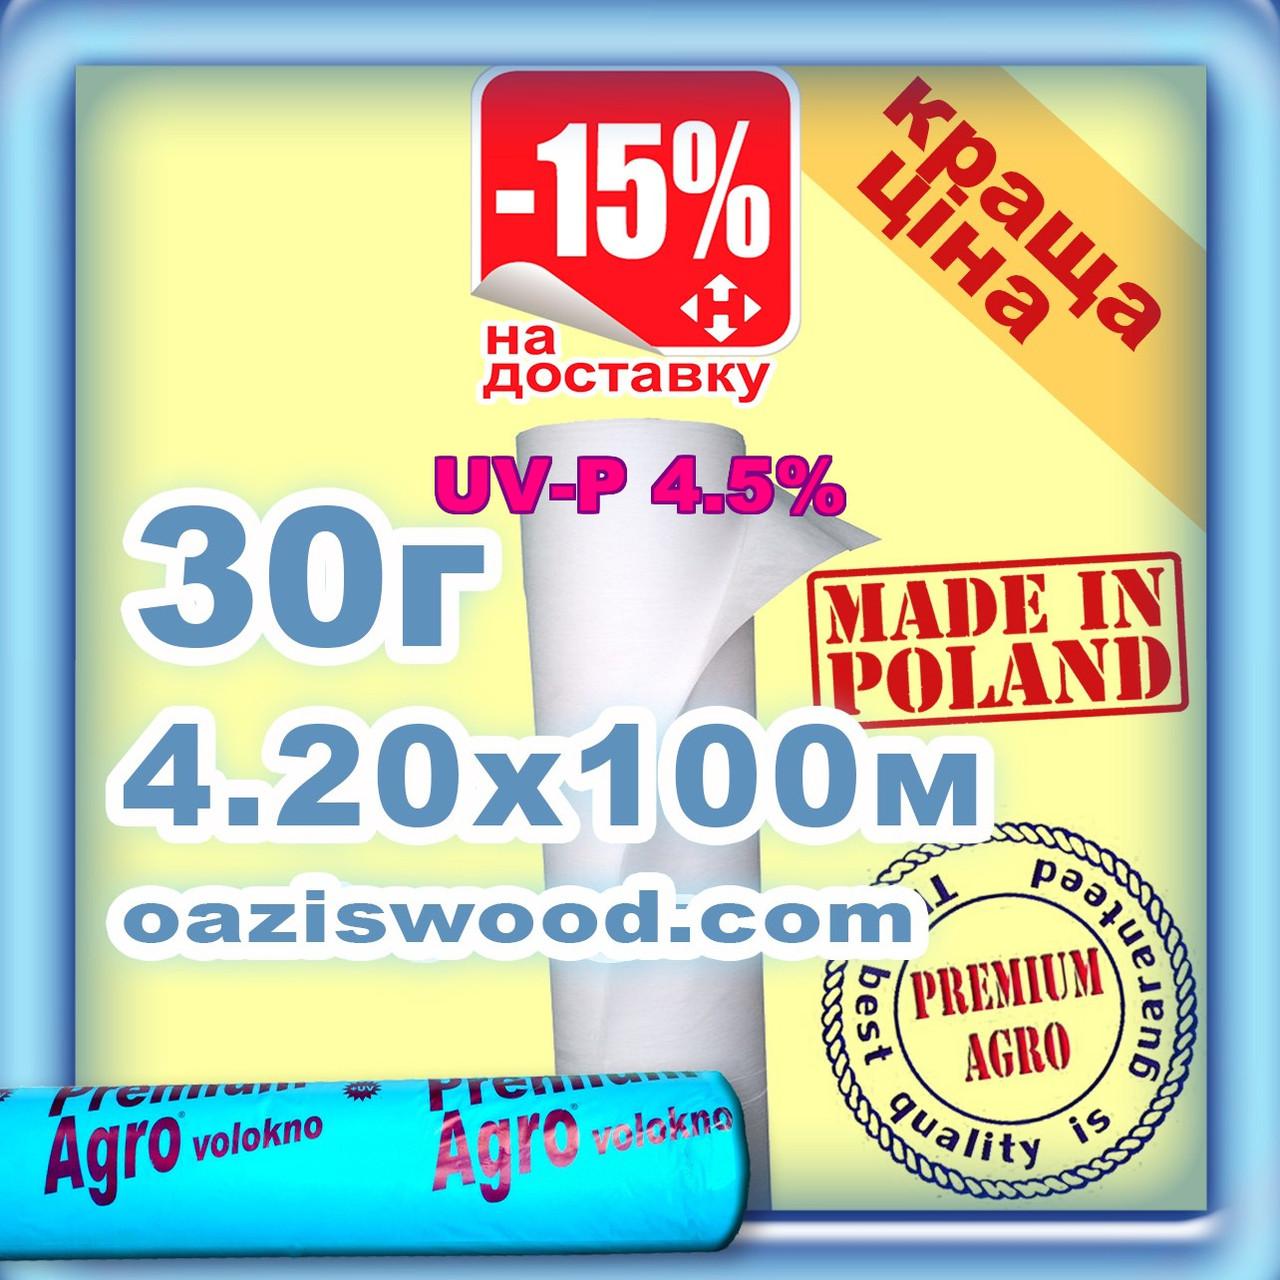 Агроволокно р-30g 4.2*100м белое UV-P 4.5% Premium-Agro Польша